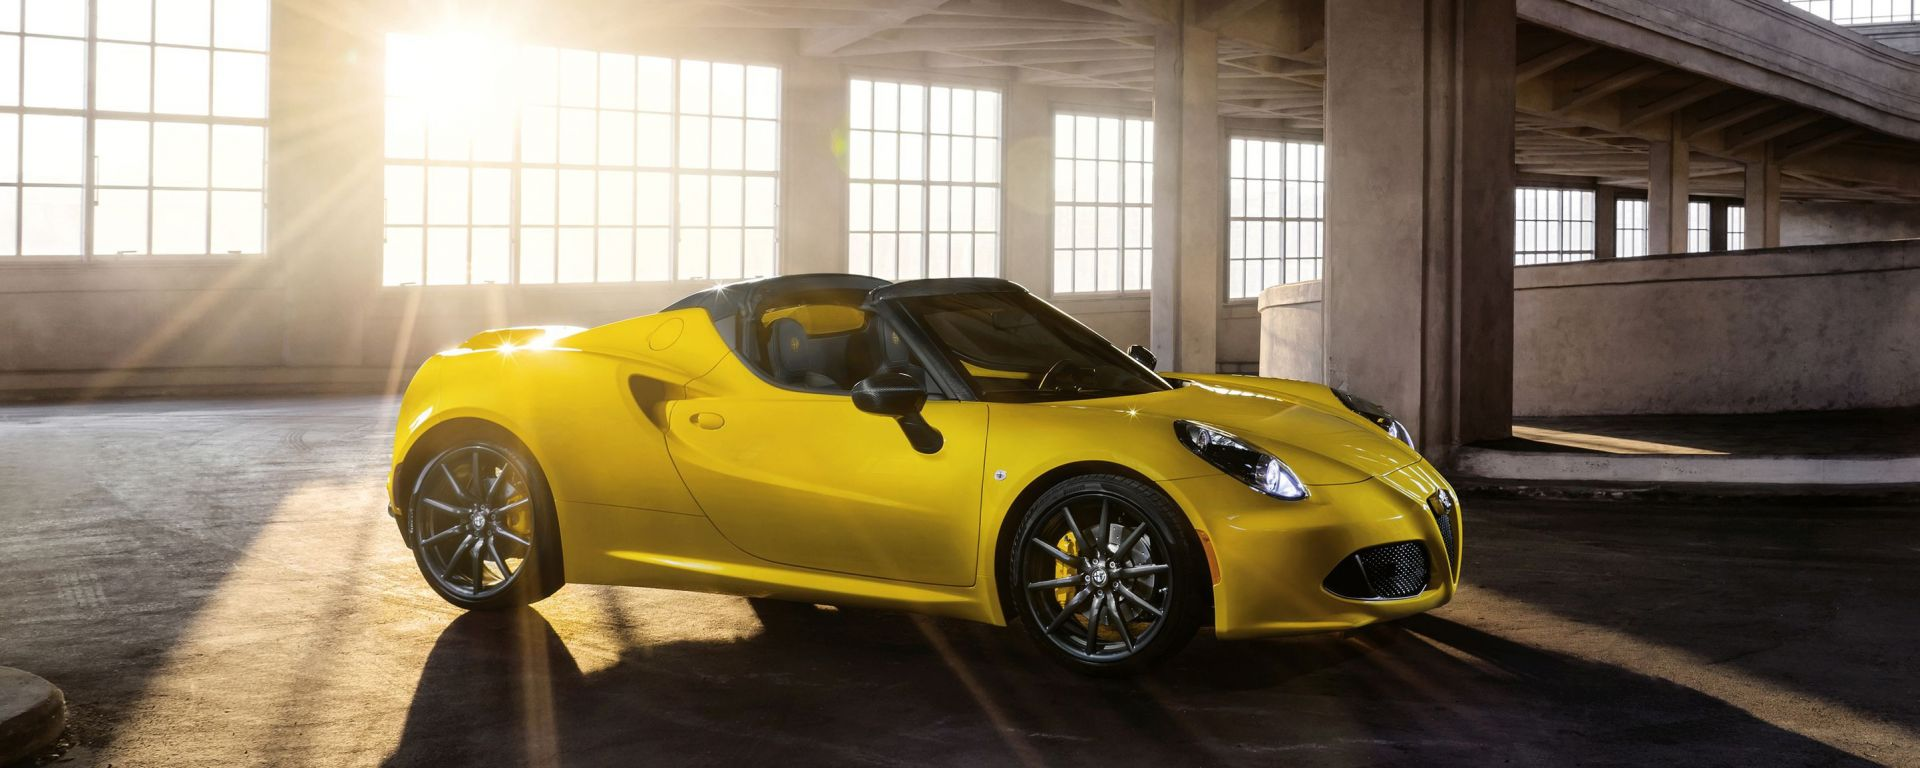 Alfa Romeo 4C e 4C Spider: novità per il mercato USA 2016